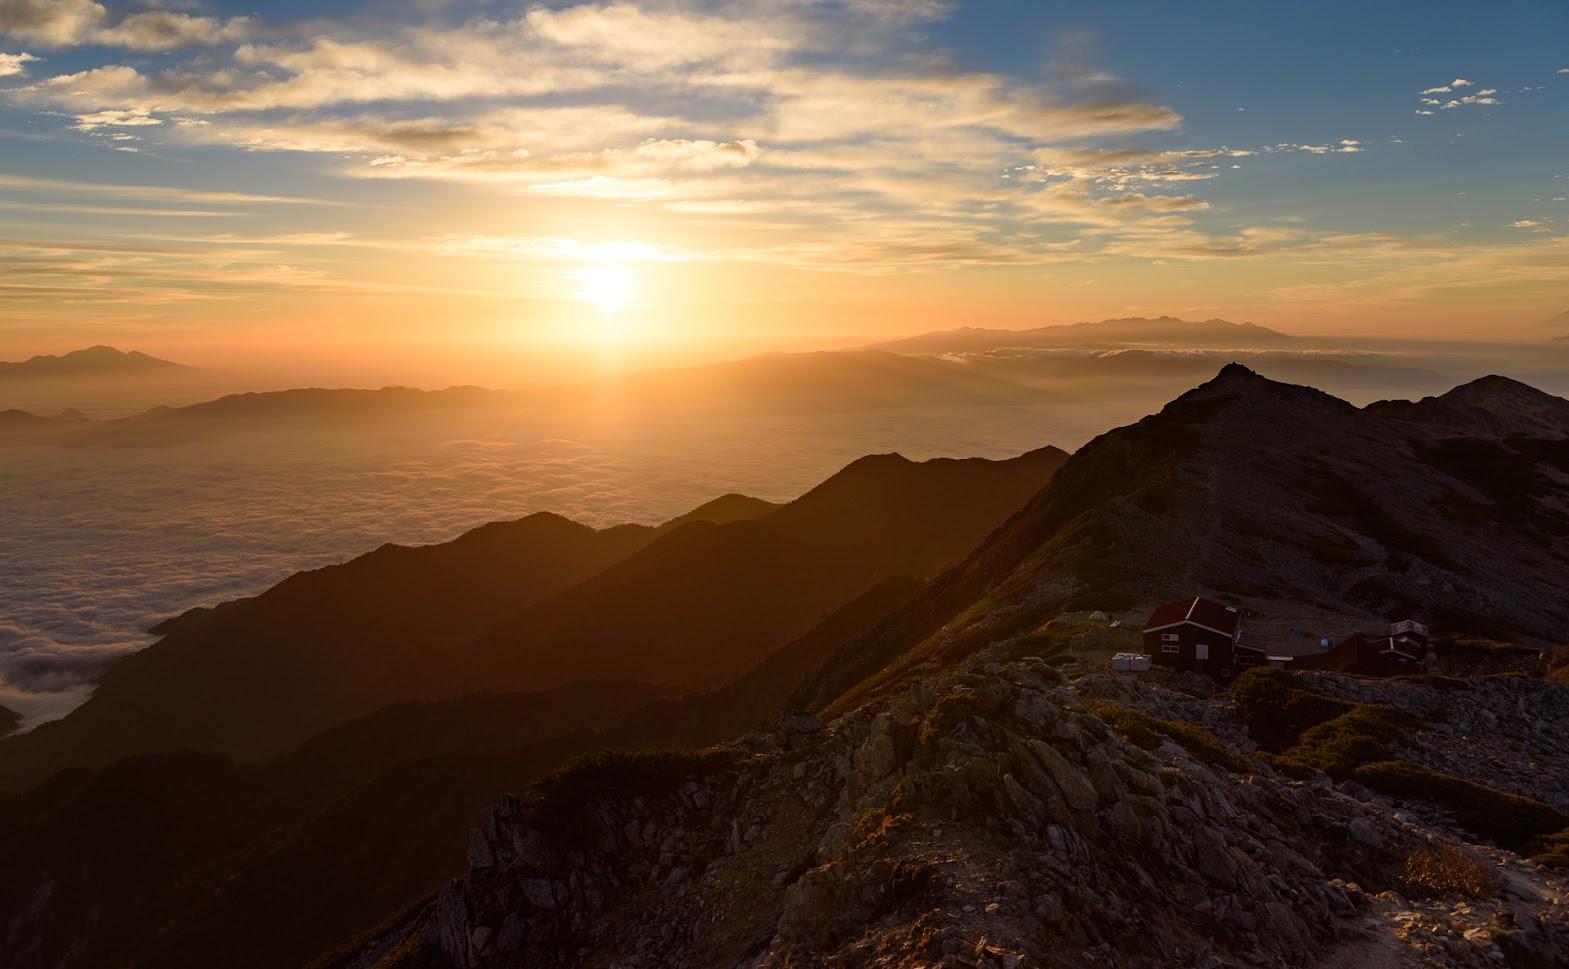 【北アルプス】表銀座 縦走(その2)~蕩けそうな雲海の後、東鎌尾根を越えて槍ヶ岳へ~